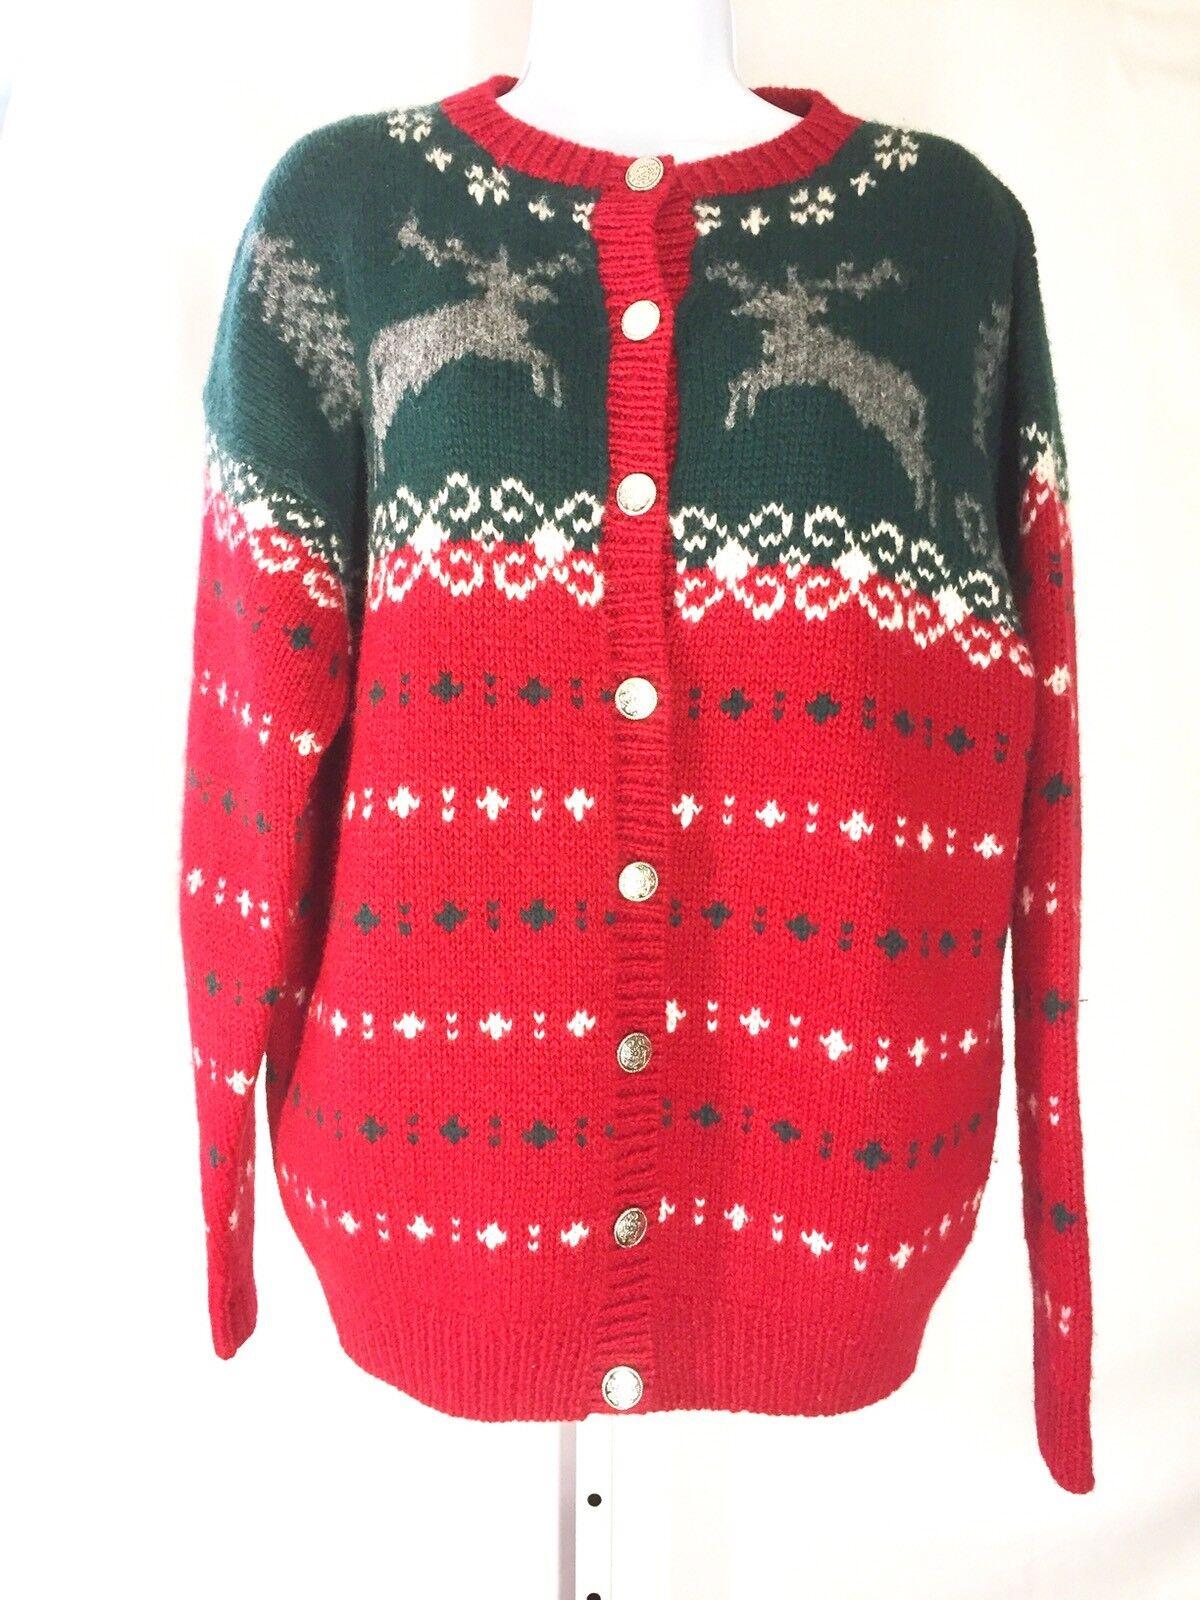 Eddie Bauer Bauer Bauer Vintage  Womens Cardigan Christmas Sweater Size Medium Reindeer 971335